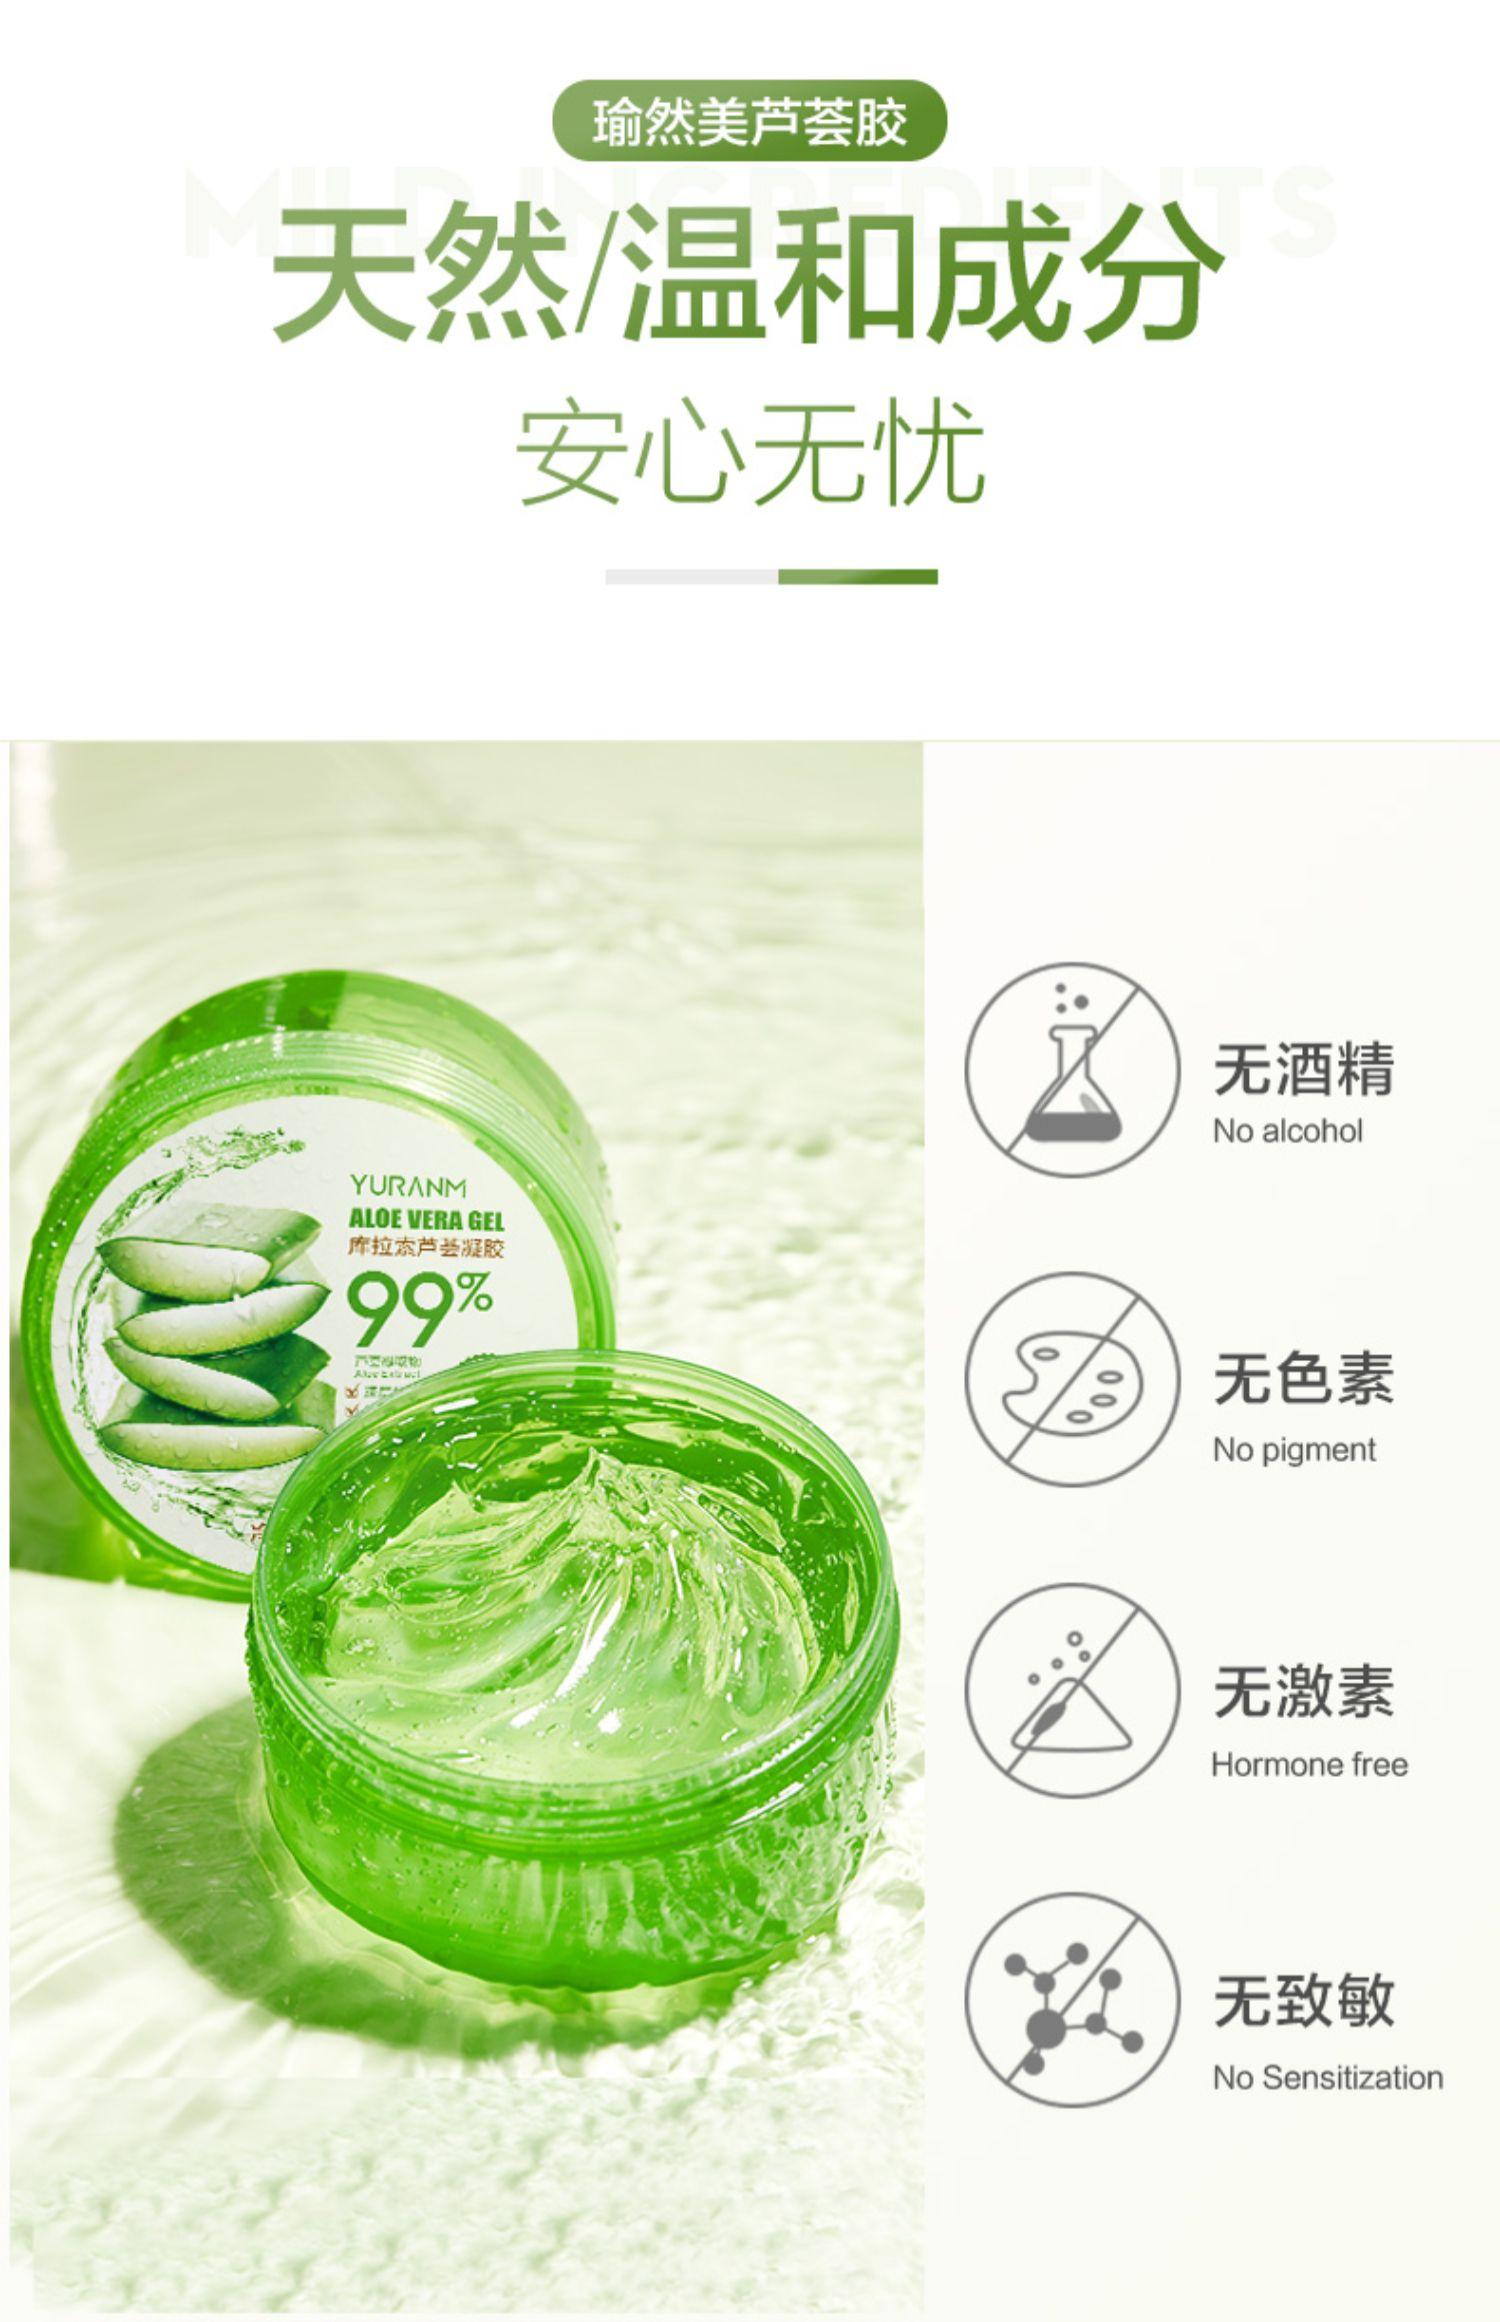 【瑜然美】祛痘淡印芦荟胶300g10